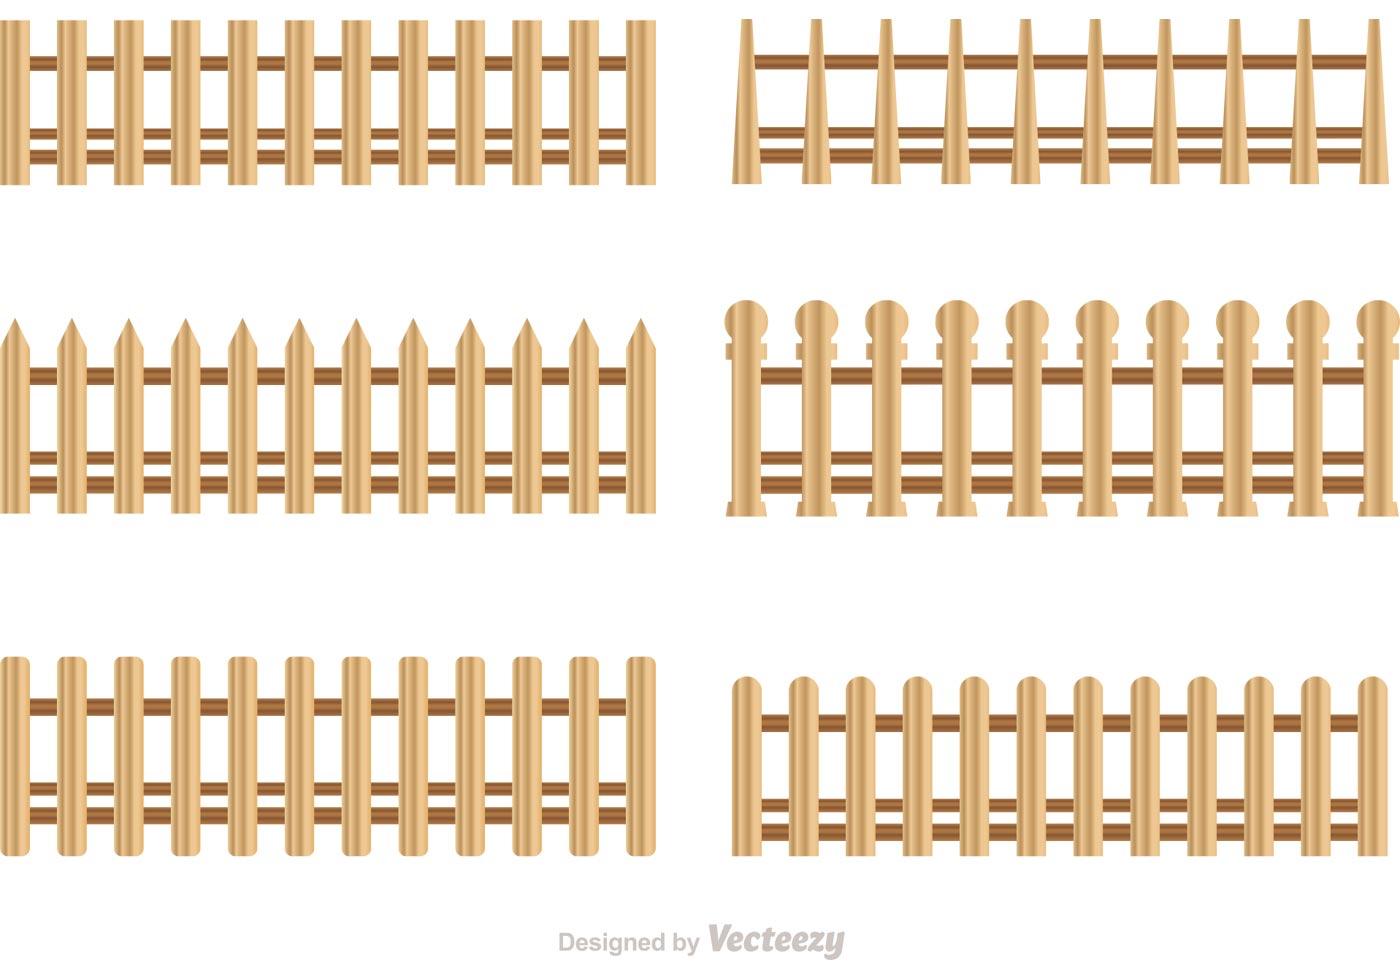 Wooden Picket Fence Vectors Download Free Vector Art